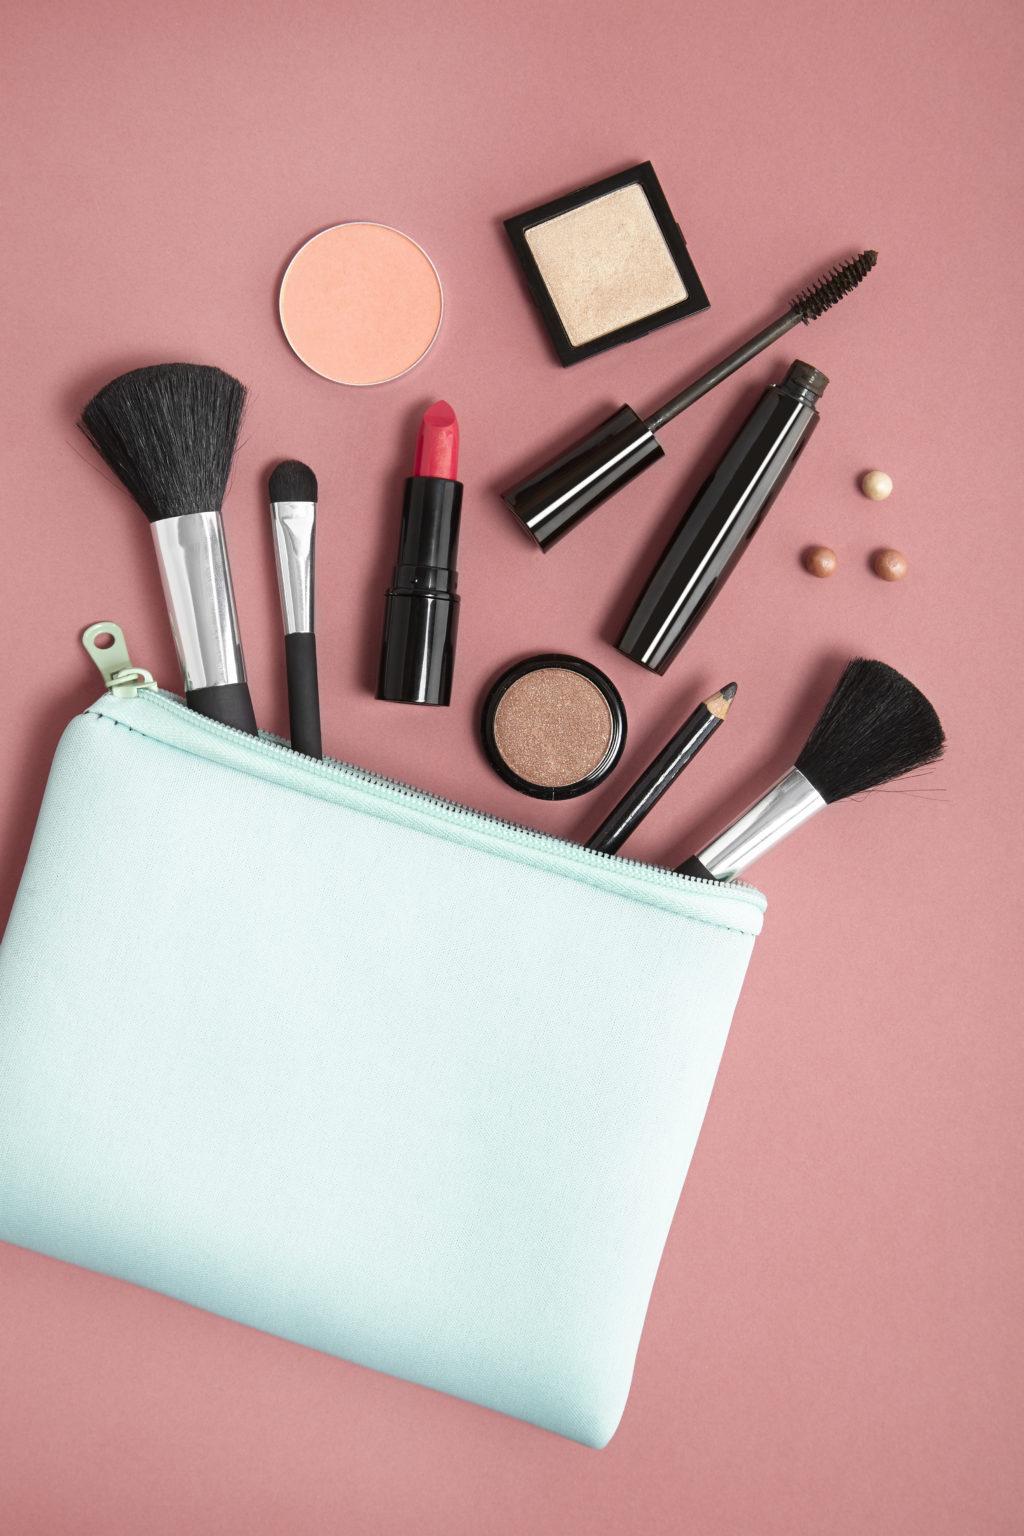 Kosmetik kann schlecht werden und ablaufen. © shutterstock.com